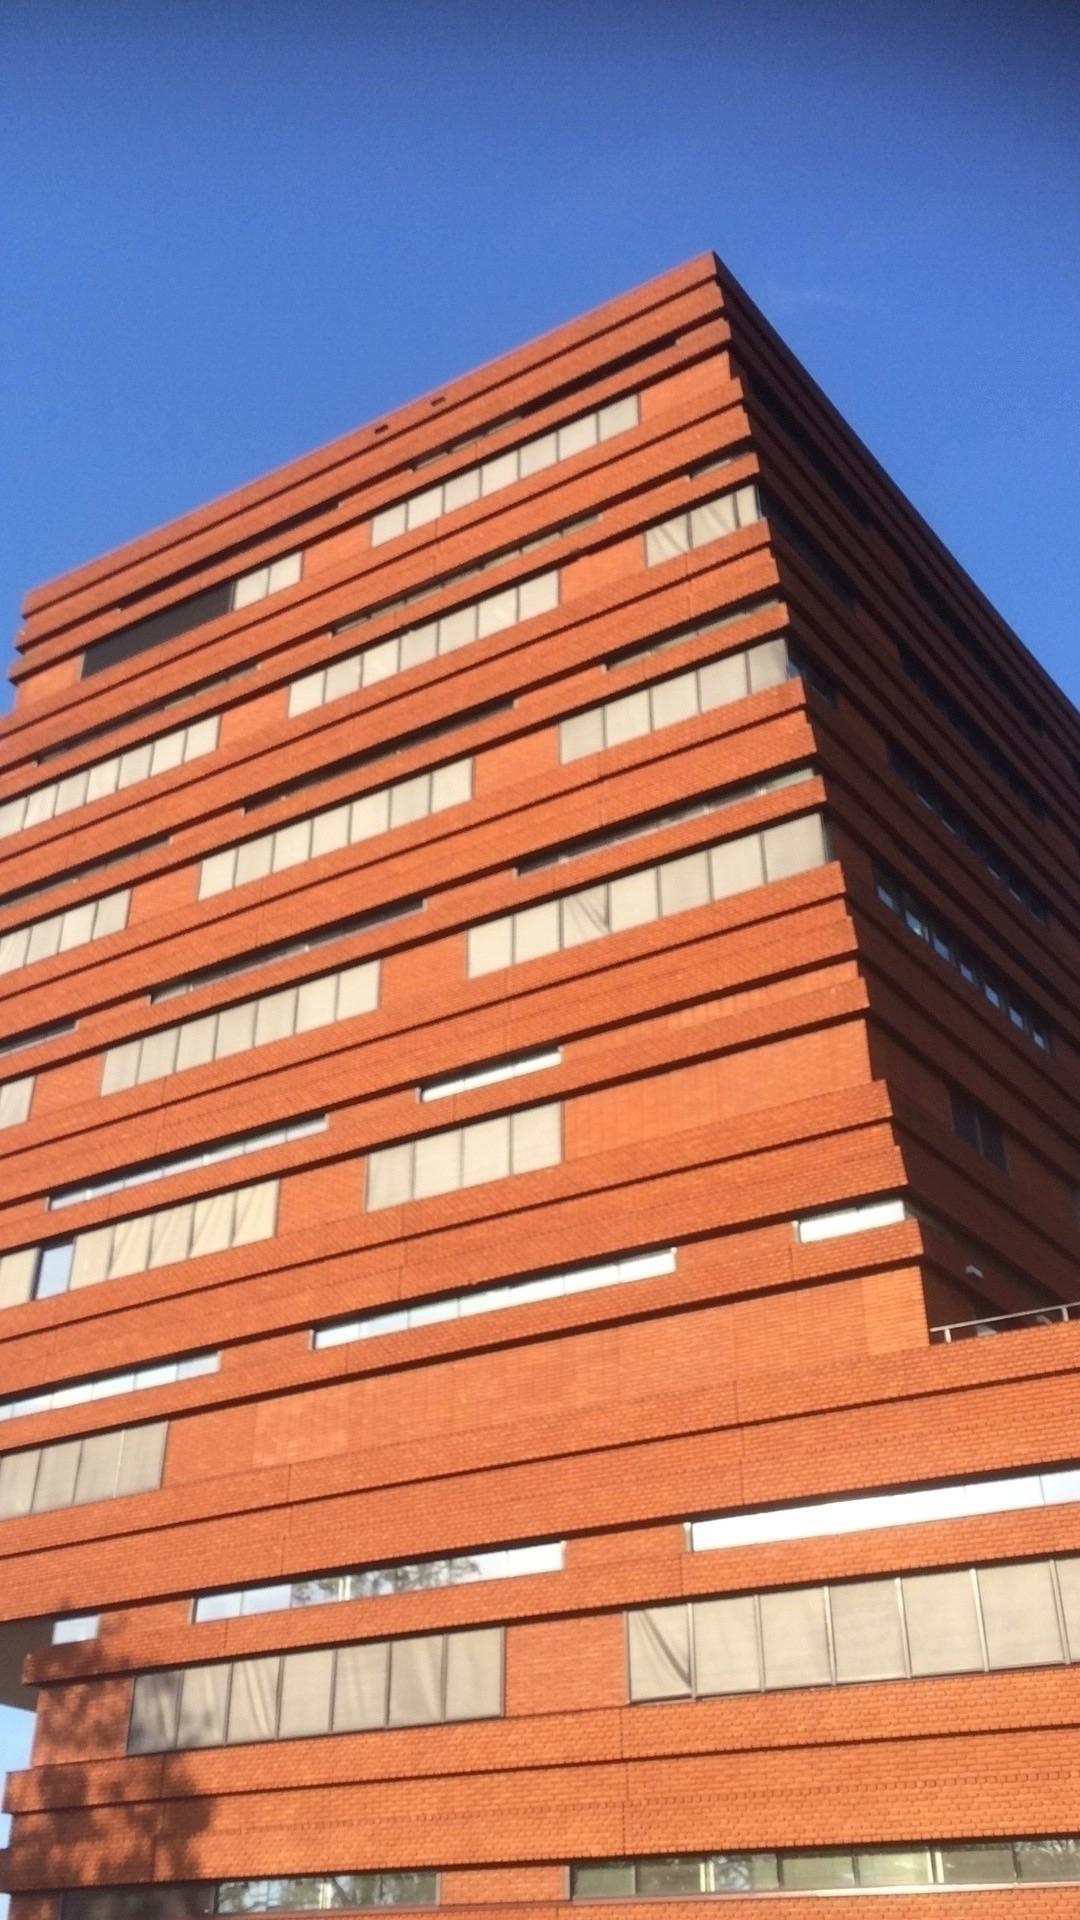 Stadhuis Waalwijk (Noord-Braban - willembakker | ello